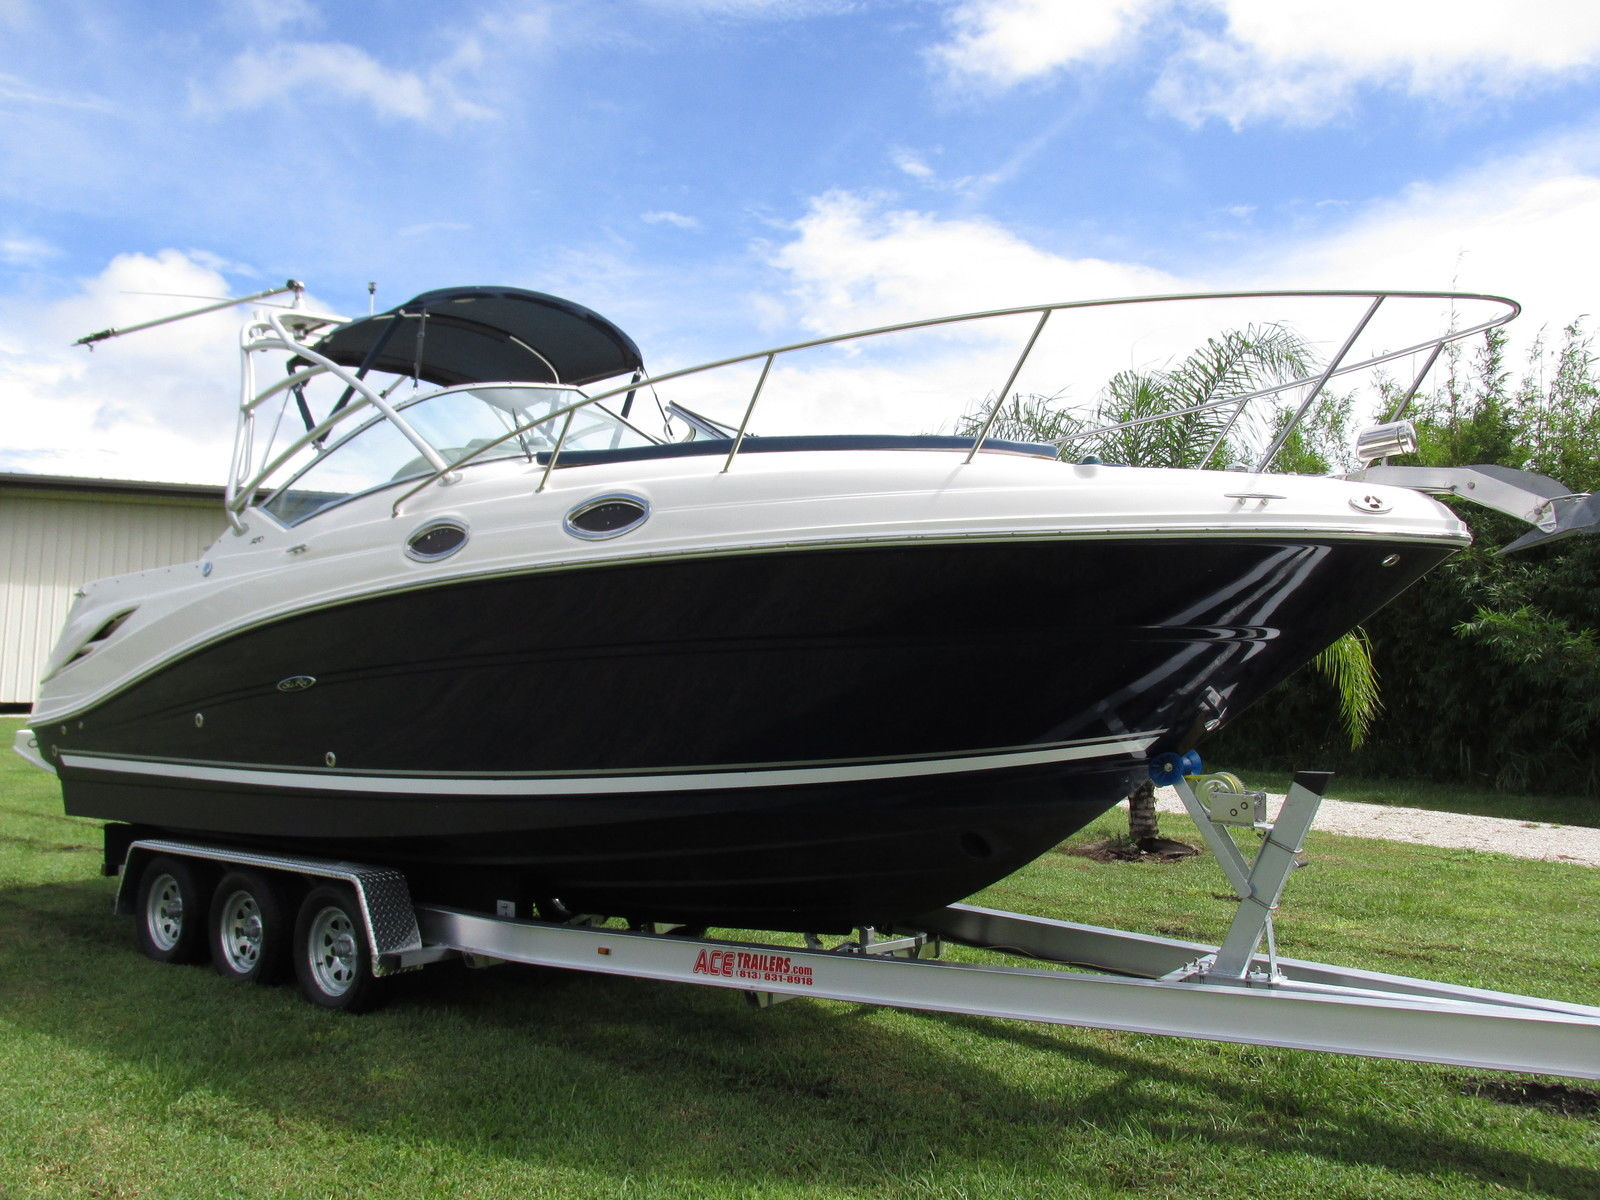 2005 Sea Ray 270 Amberjack Boat